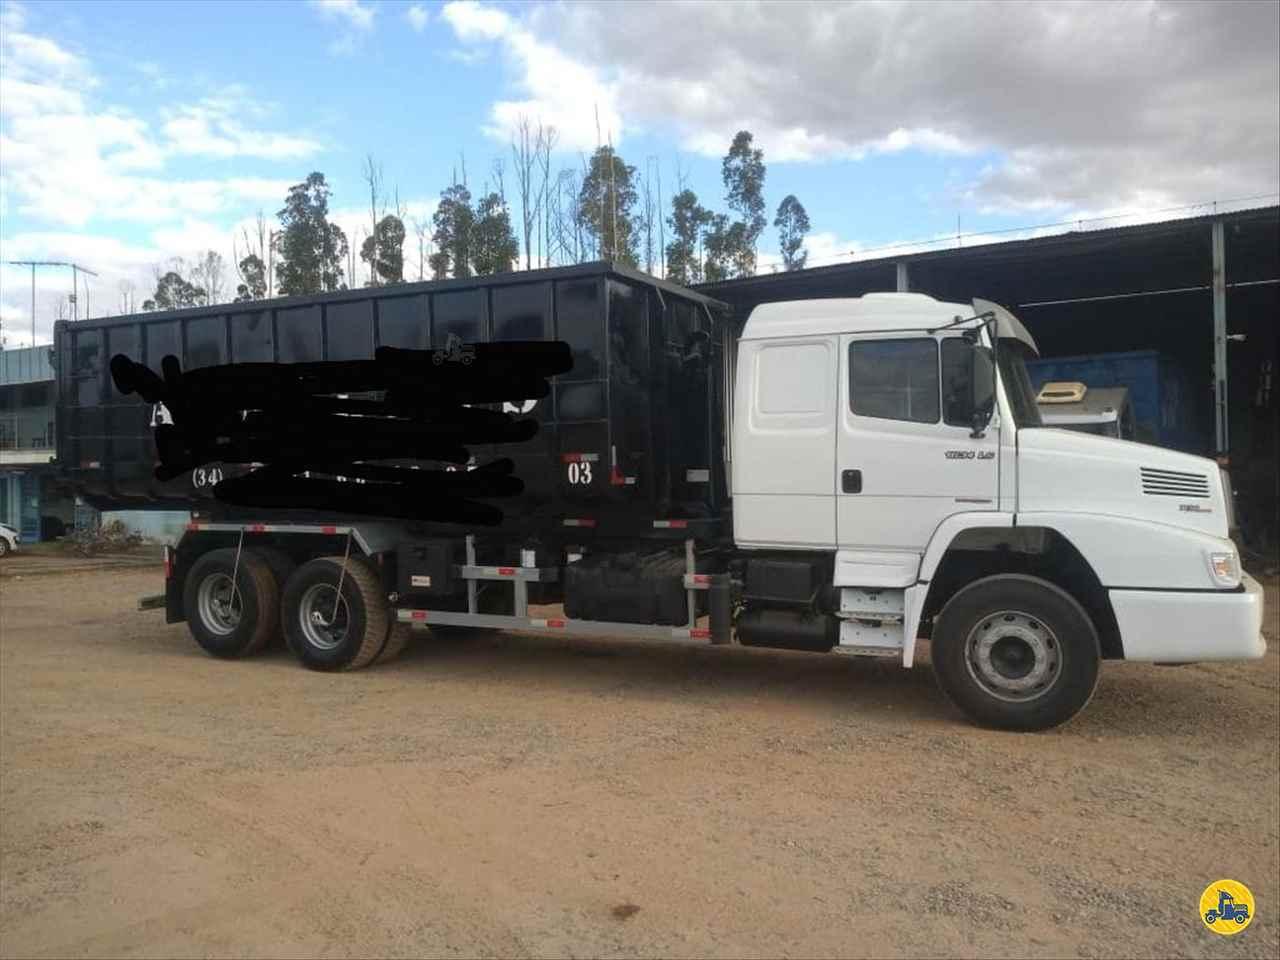 CAMINHAO MERCEDES-BENZ MB 1634 Roll ON OFF Truck 6x2 Cotral Caminhões SERRA DO SALITRE MINAS GERAIS MG